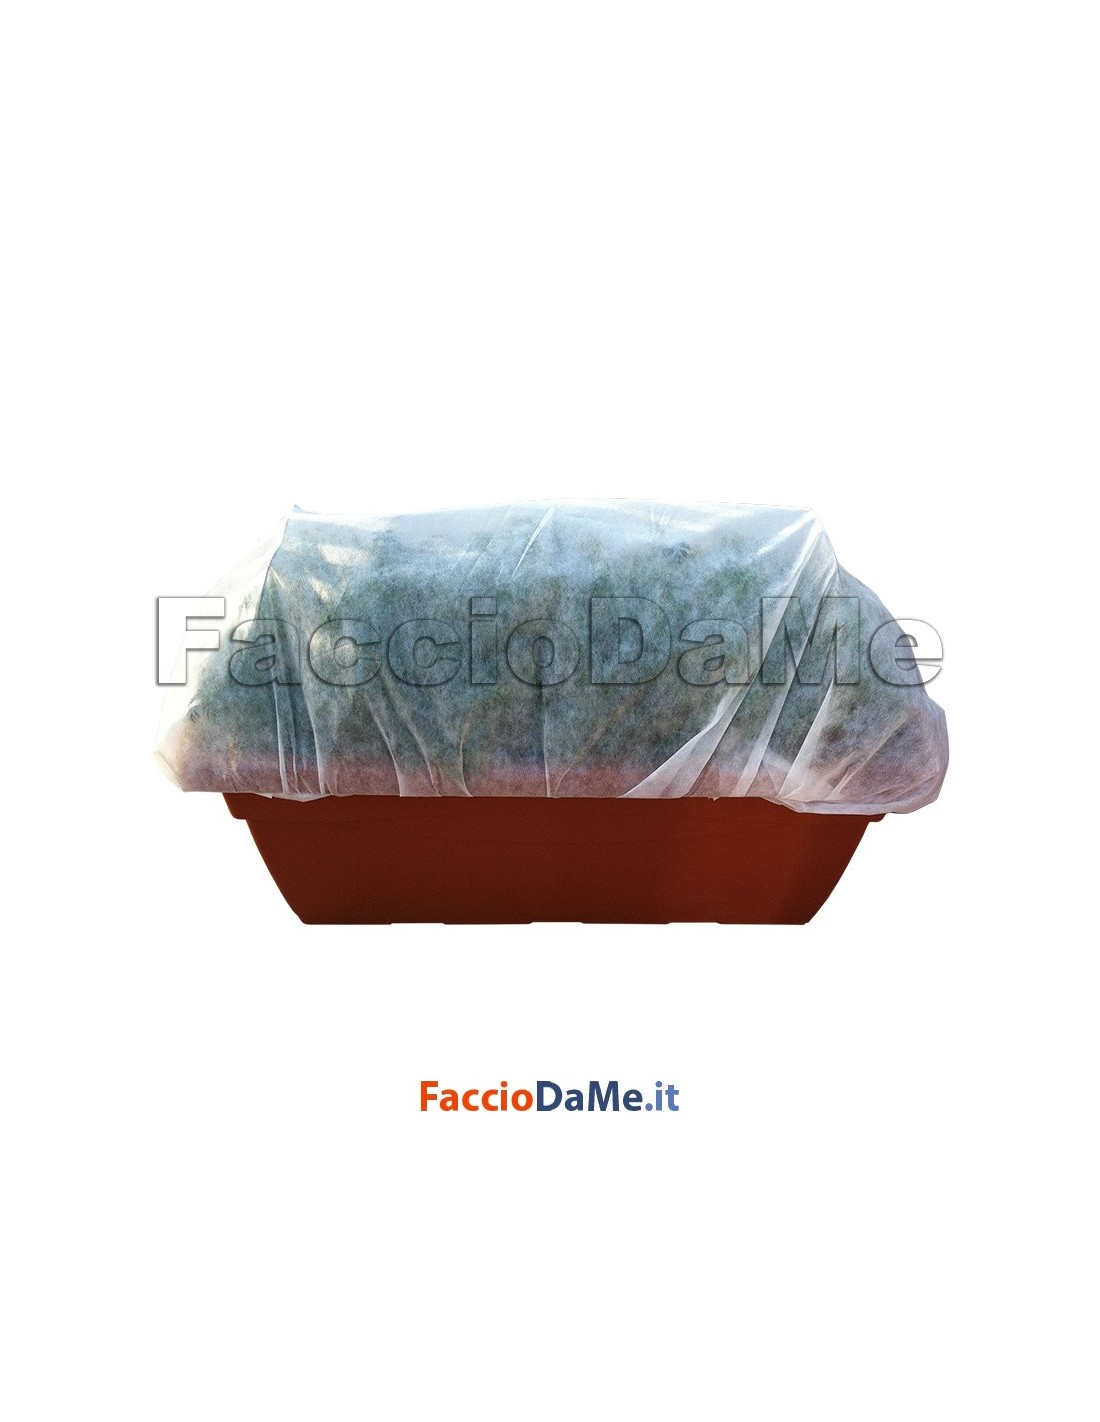 Telo Tnt Tessuto Non Tessuto Bianco Proteggi Fiori Piante Orto 1,60x10 metri